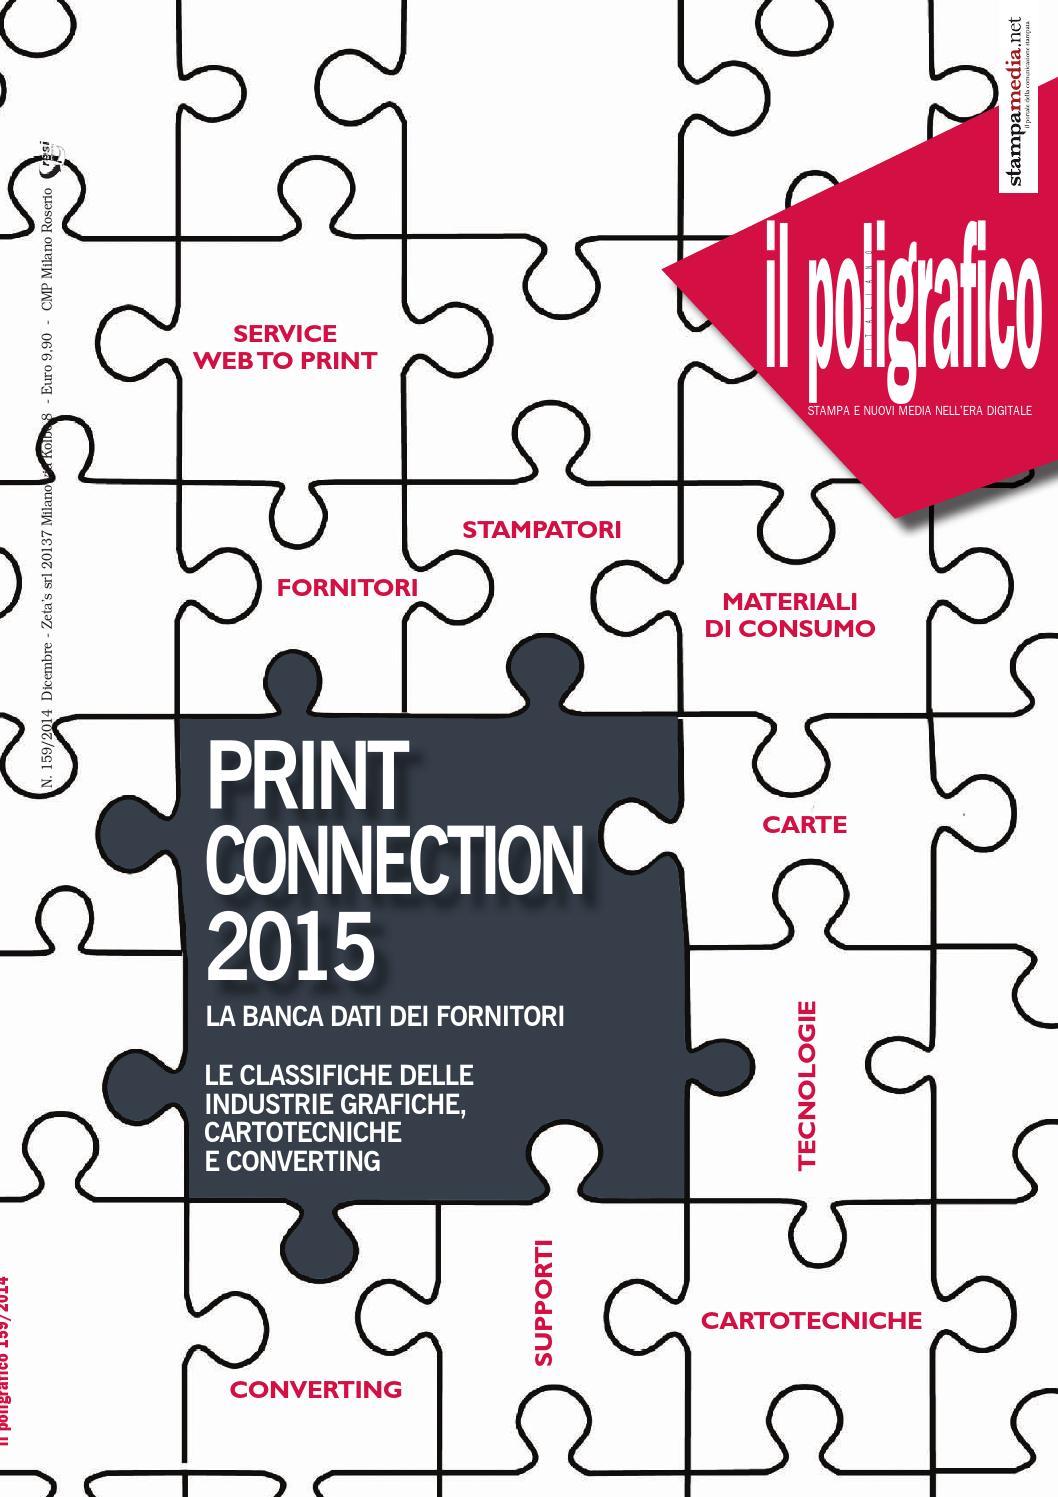 semestre 108 pagine LEGO catalogo prospetto Pubblicità opuscolo di 2014 1